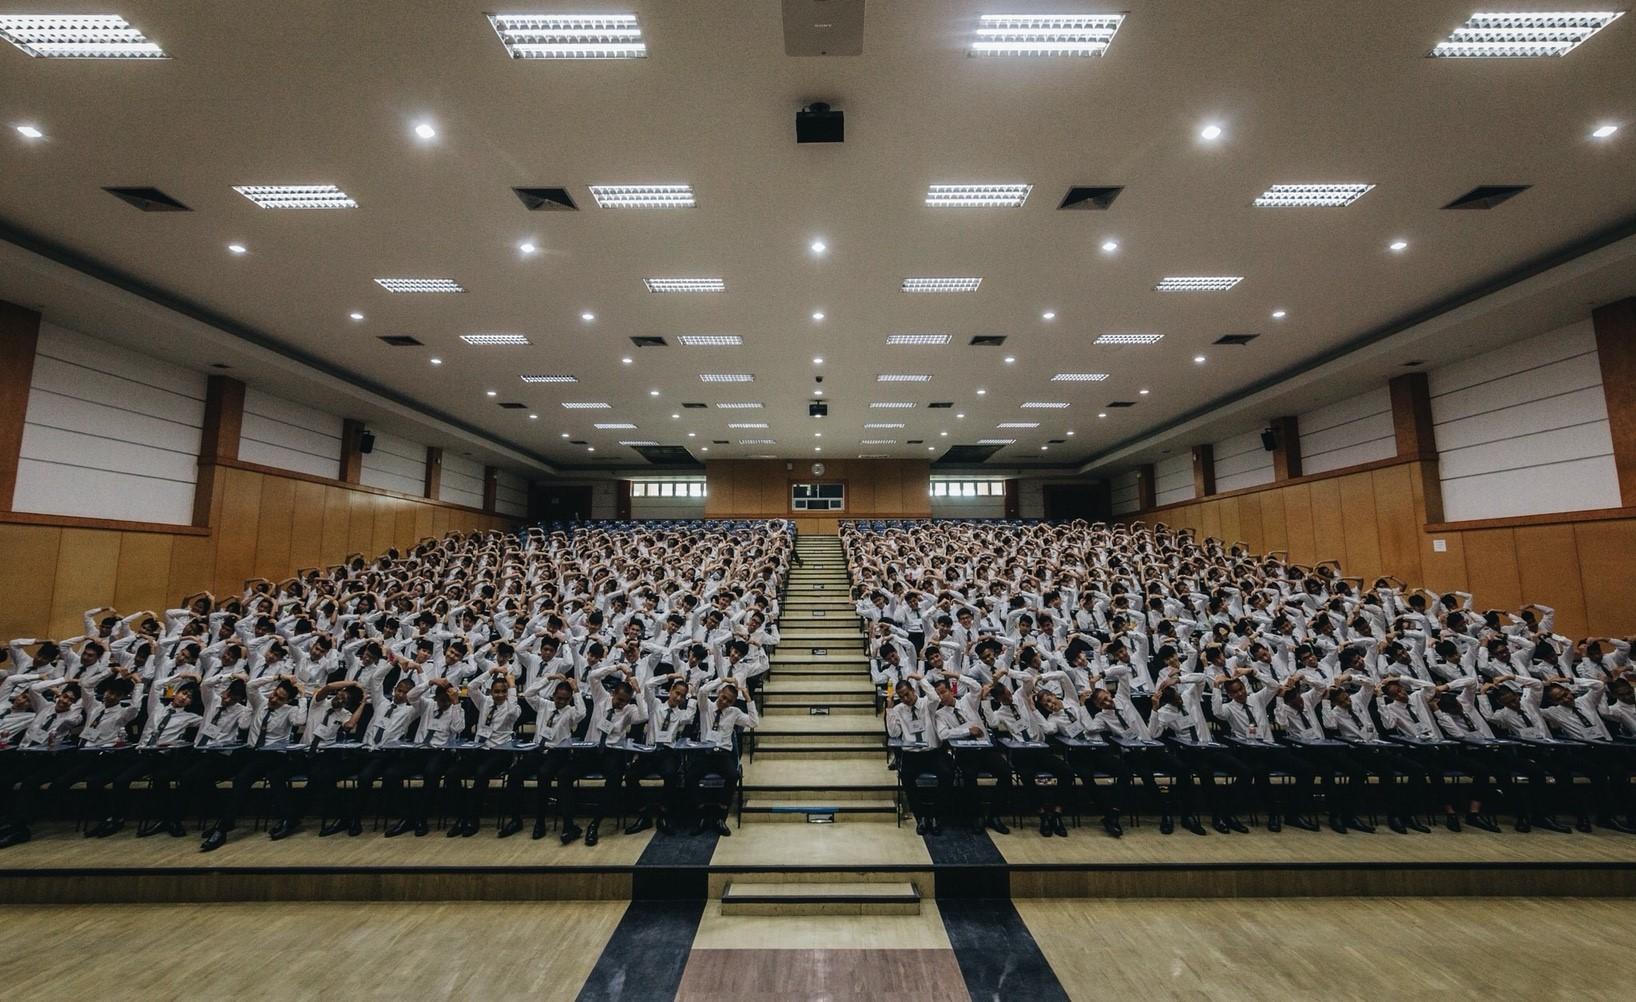 ปฐมนิเทศนิสิตใหม่คณะโลจิสติกส์ ประจำปีการศึกษา 2561